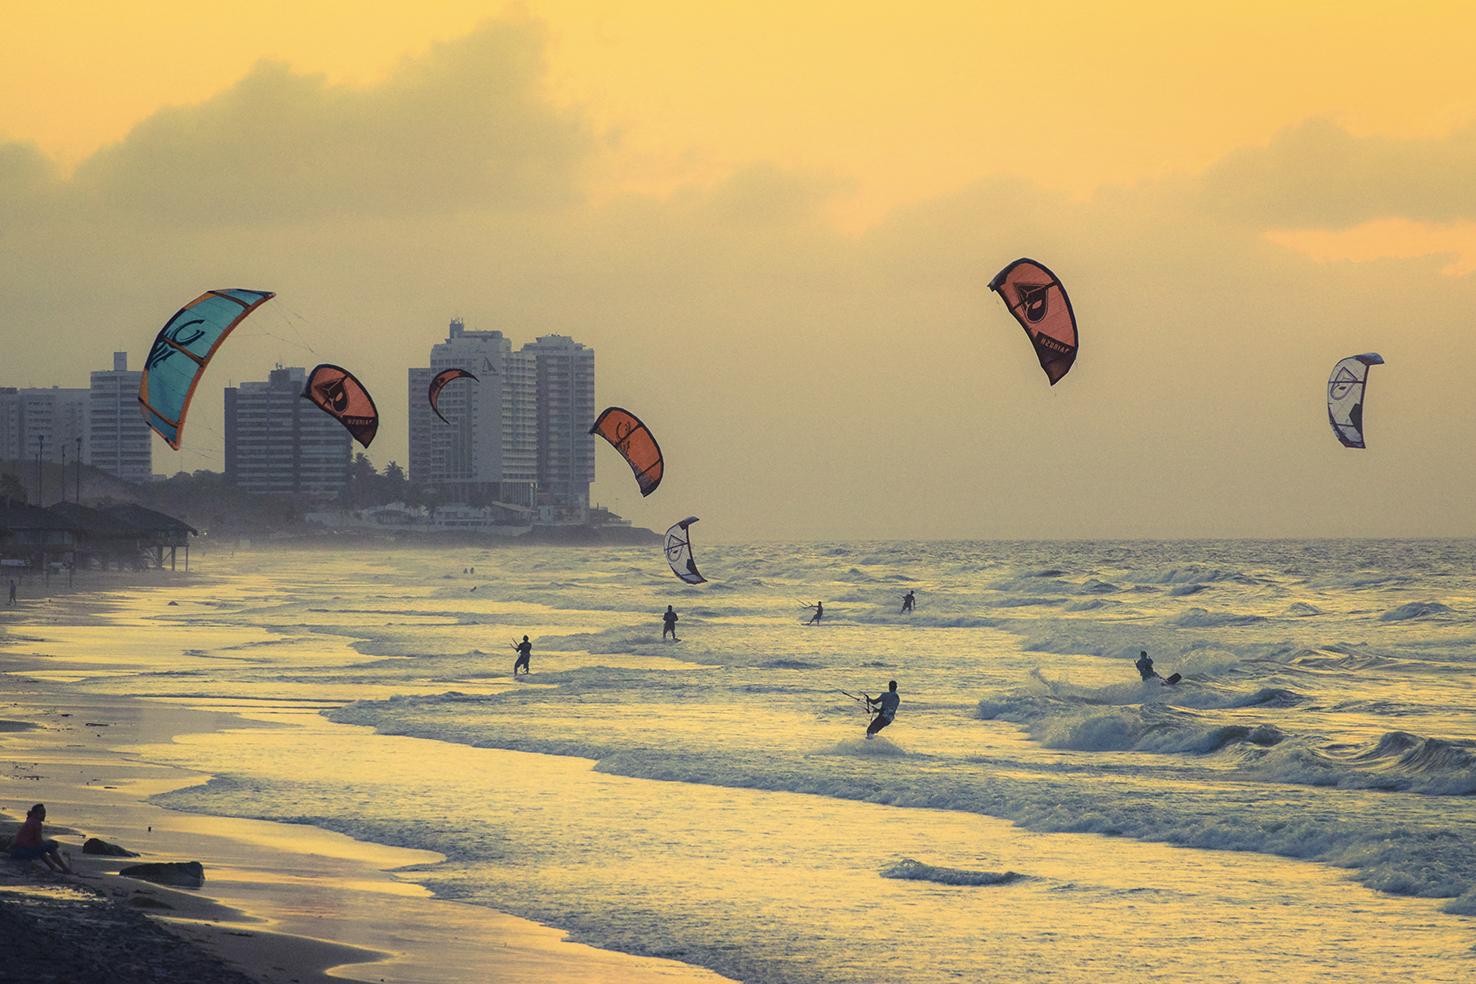 Campeonato de Kite Surf